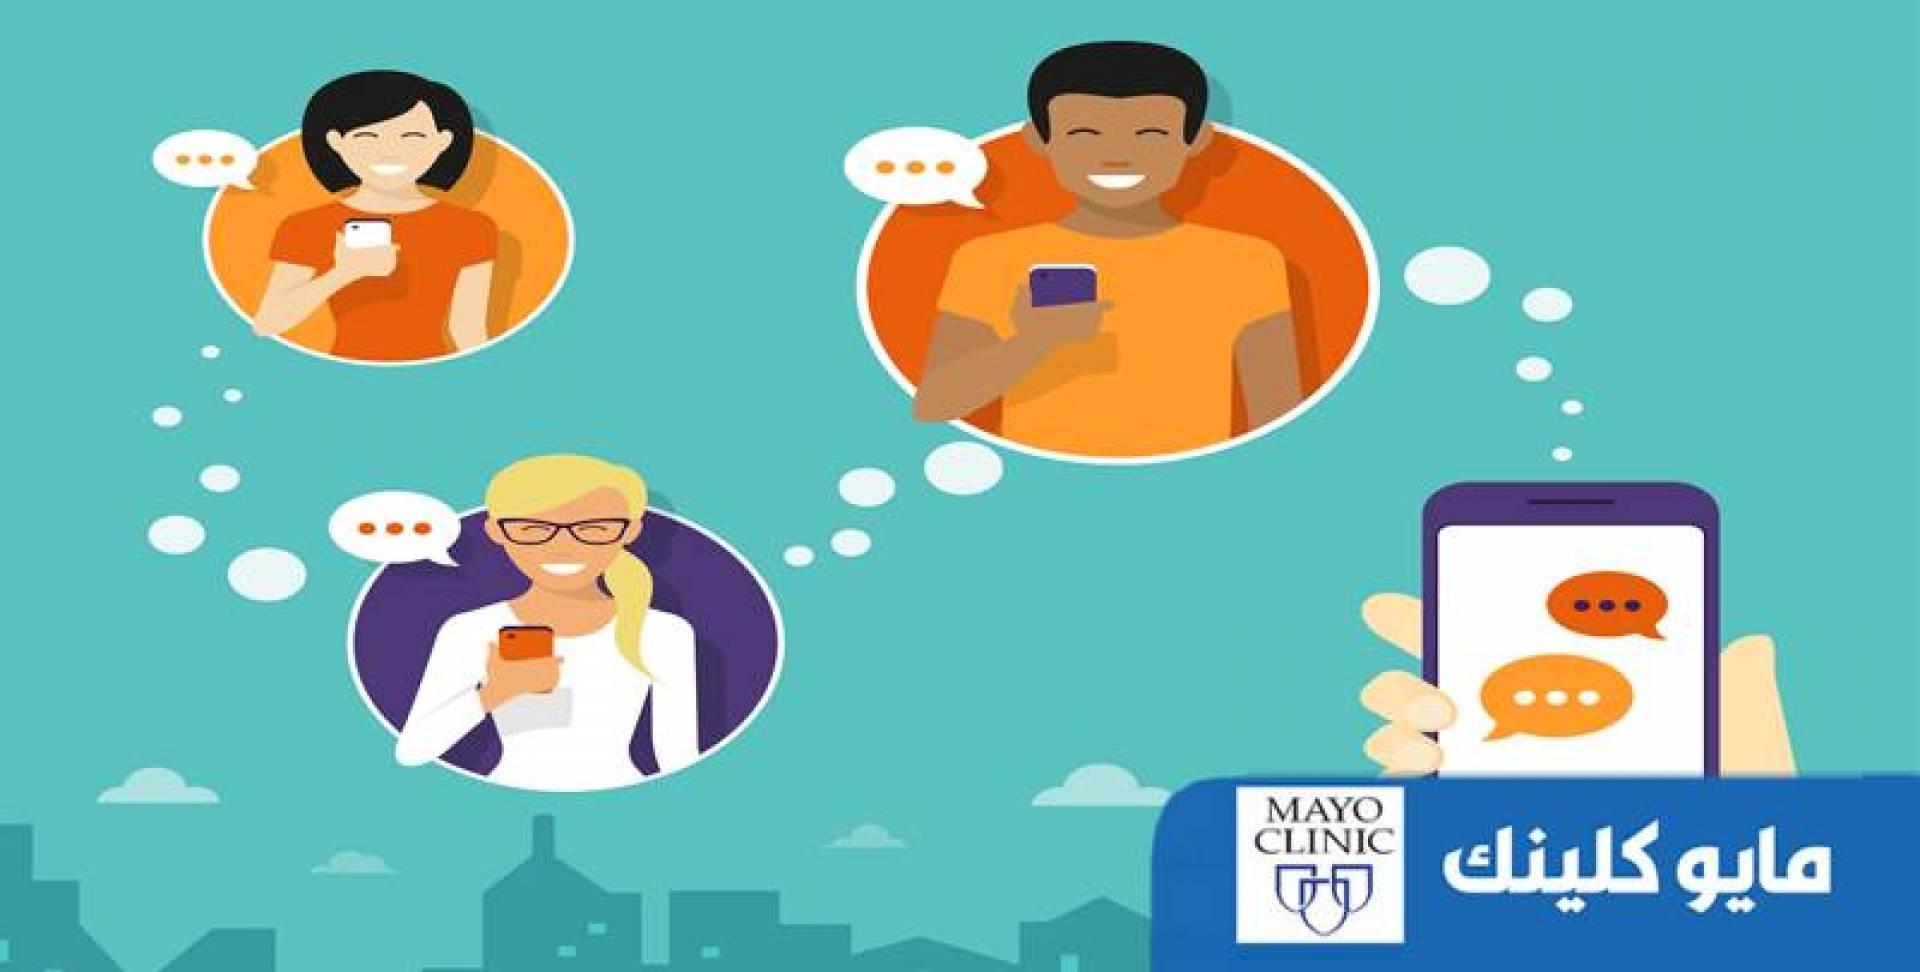 إرسال الرسائل النصية للمراهقين.. ساعد أبناءك على تجنب المخاطر